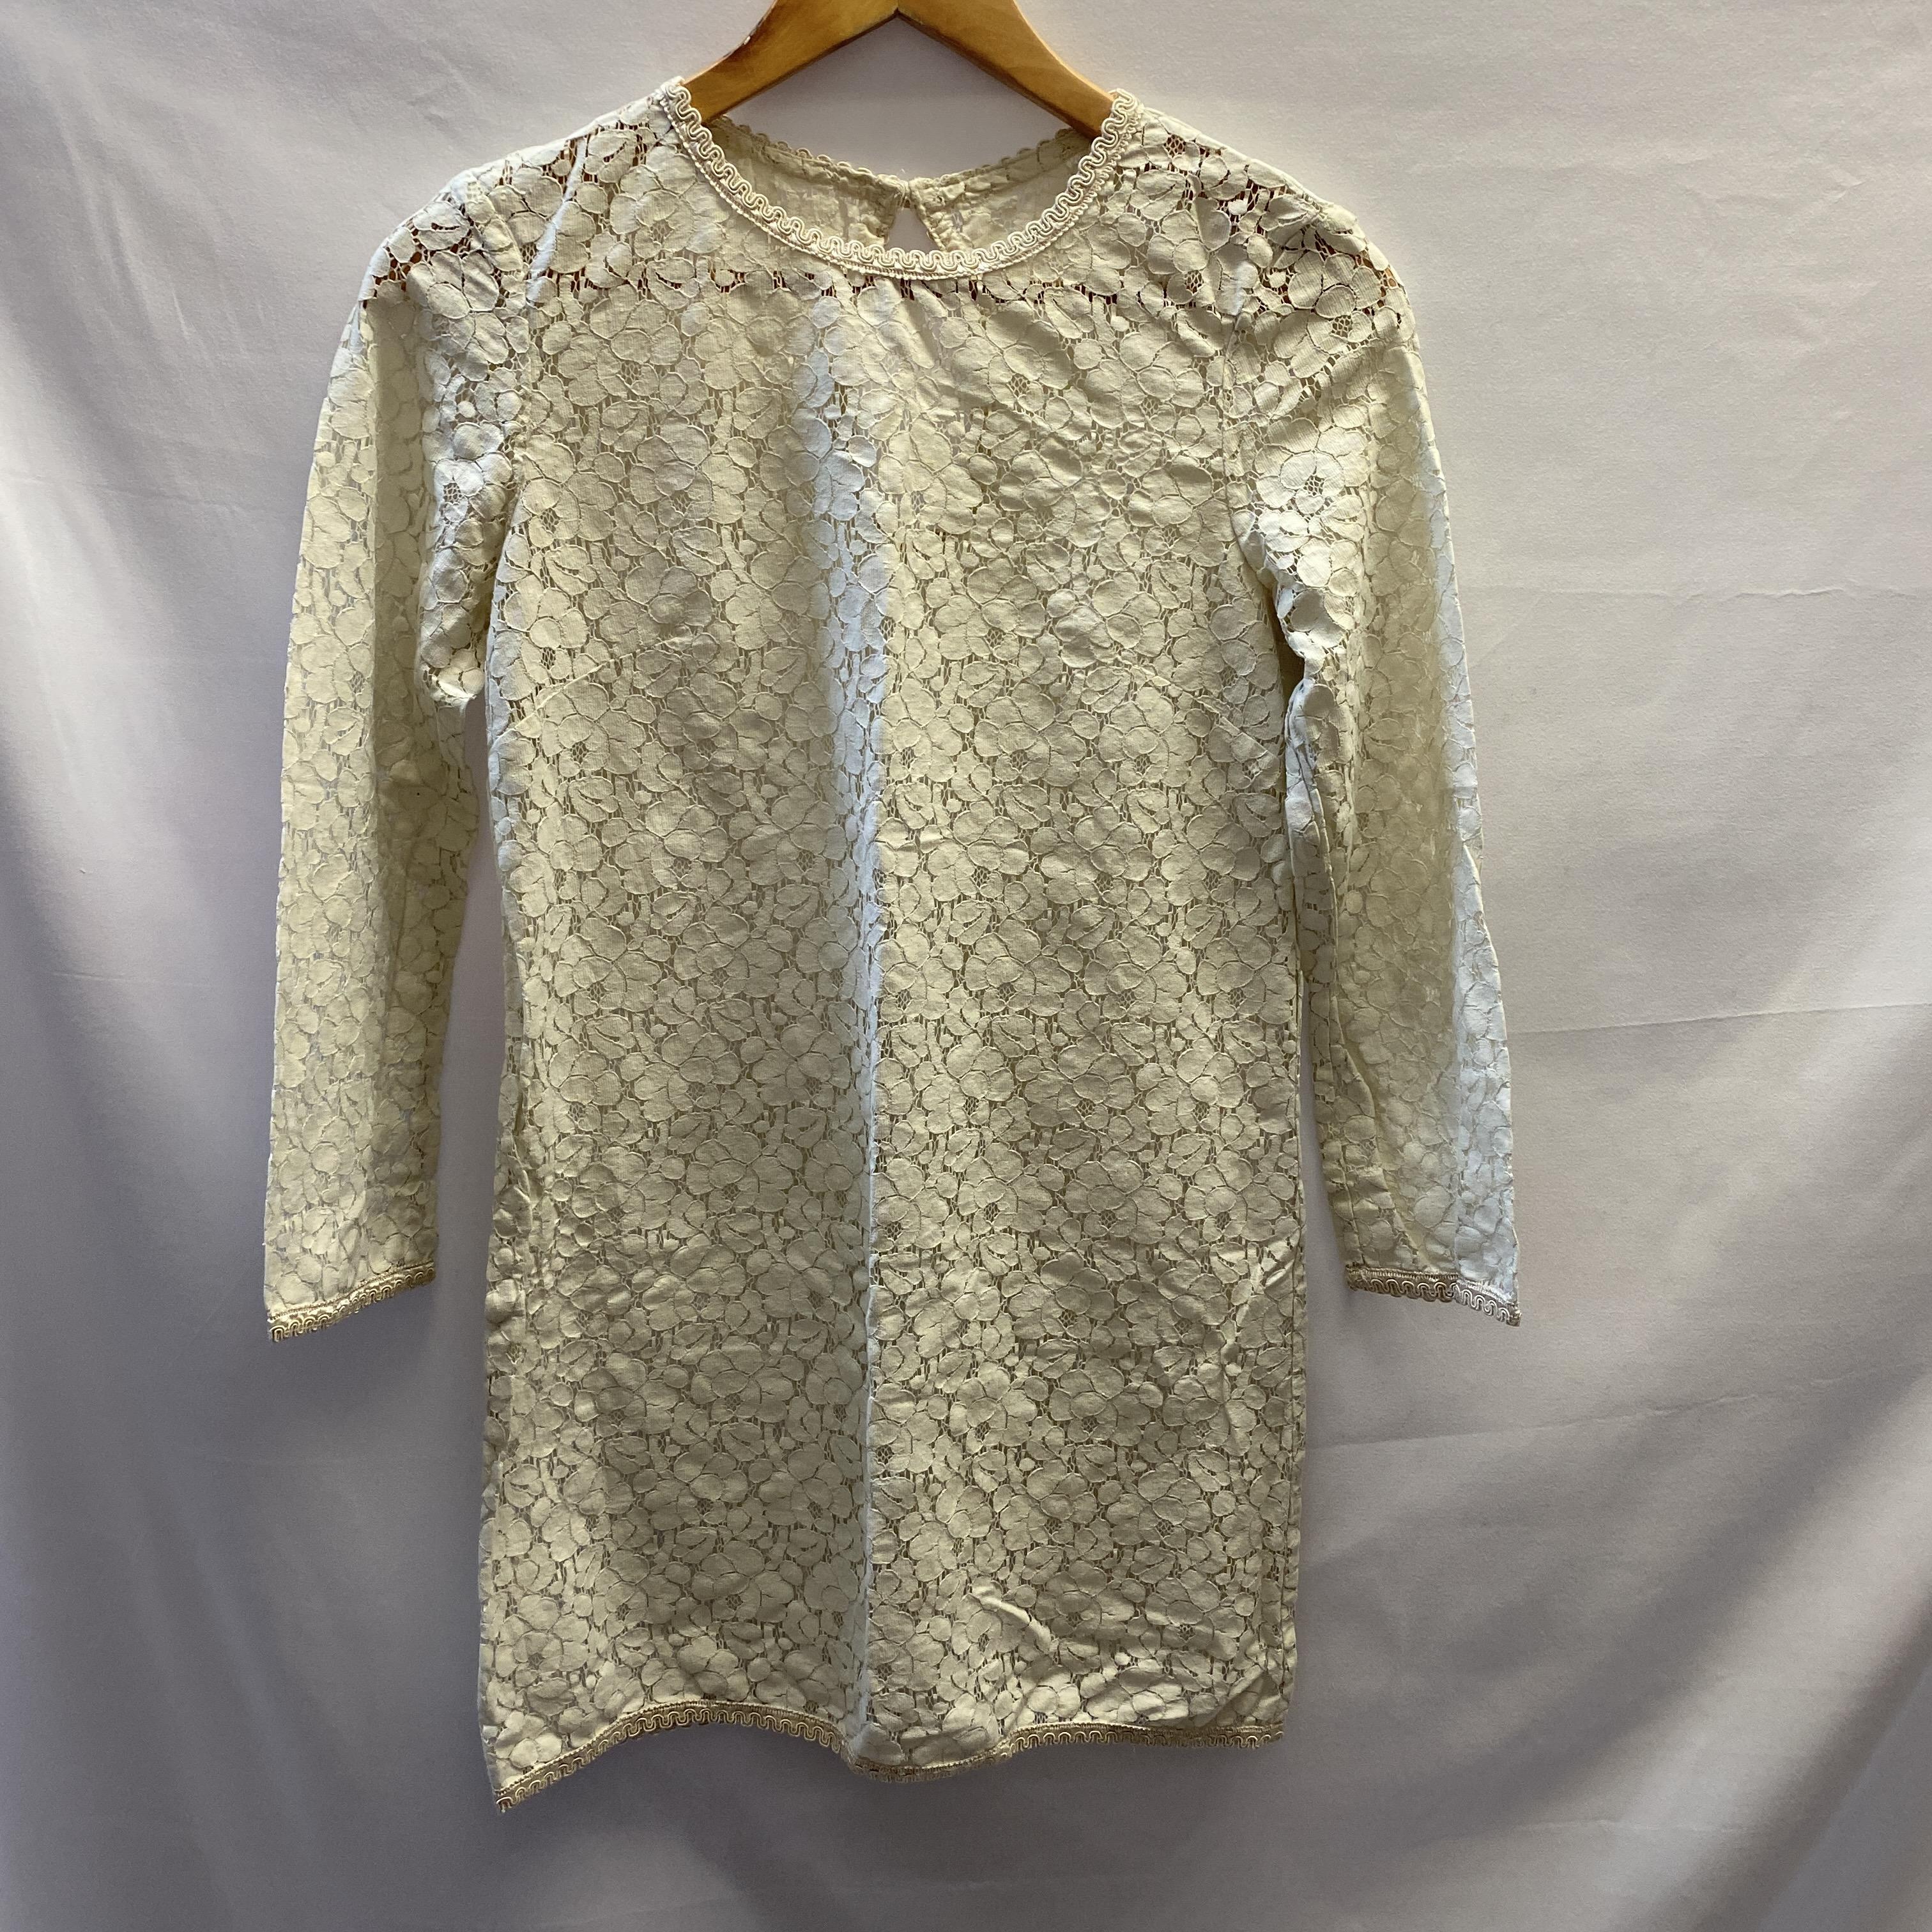 Cream Lace Tunic Dress - Size Small